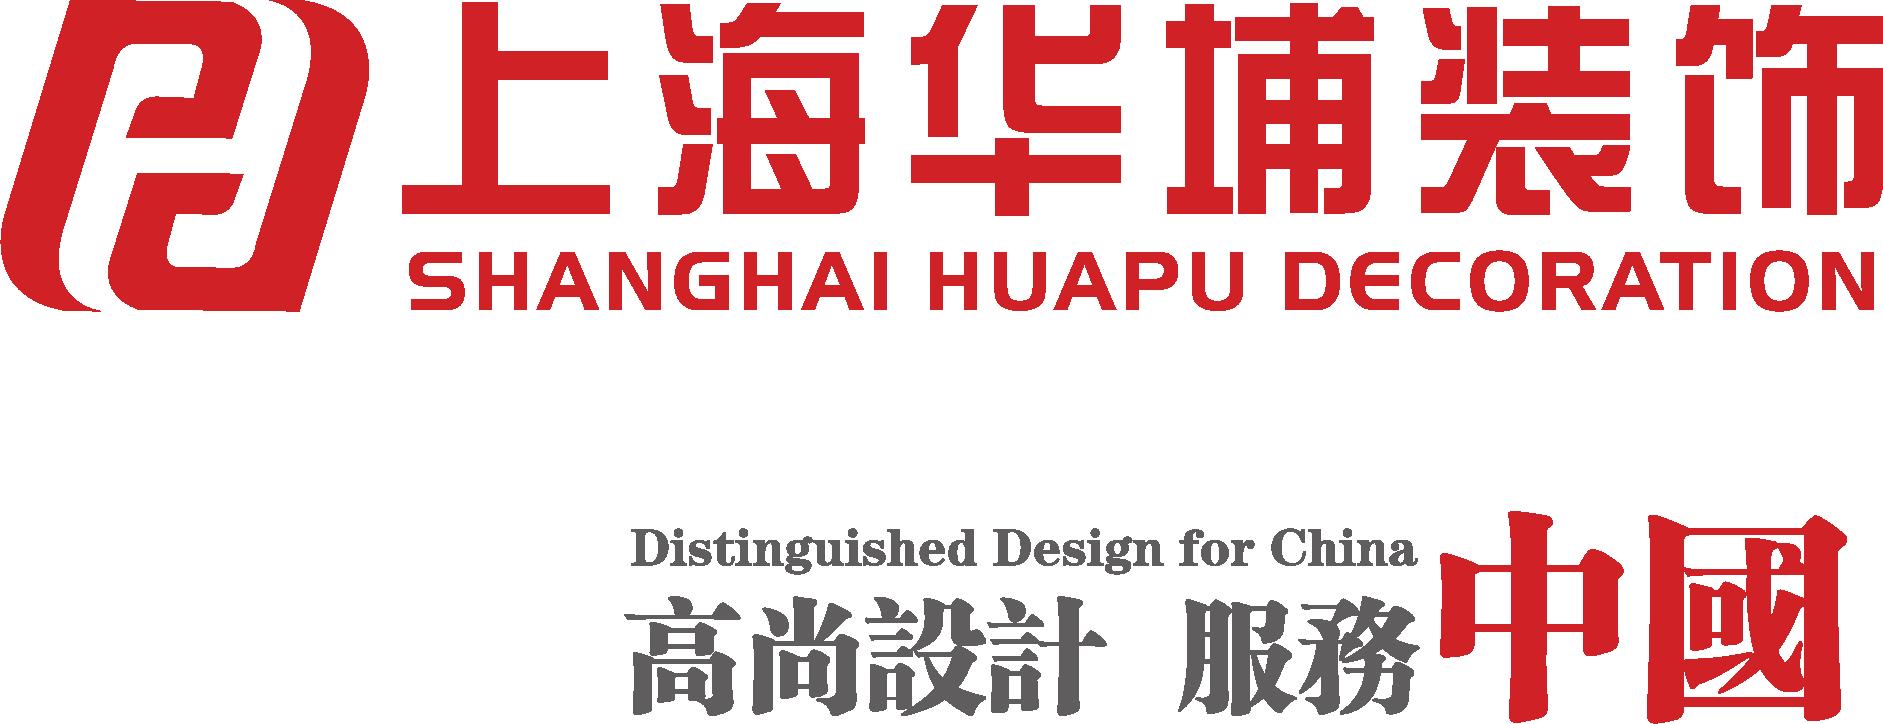 上海华埔装饰工程有限公司